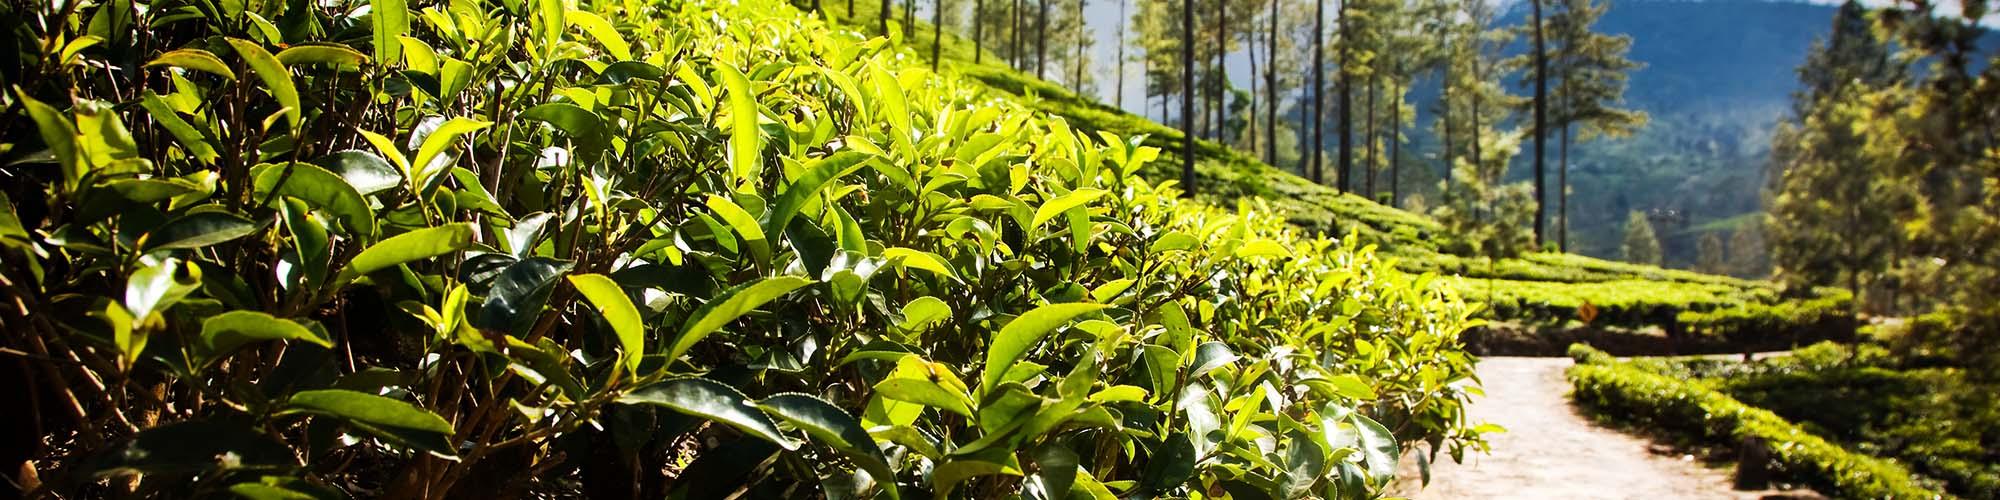 Tea trails trek, Haputale, Sri Lanka